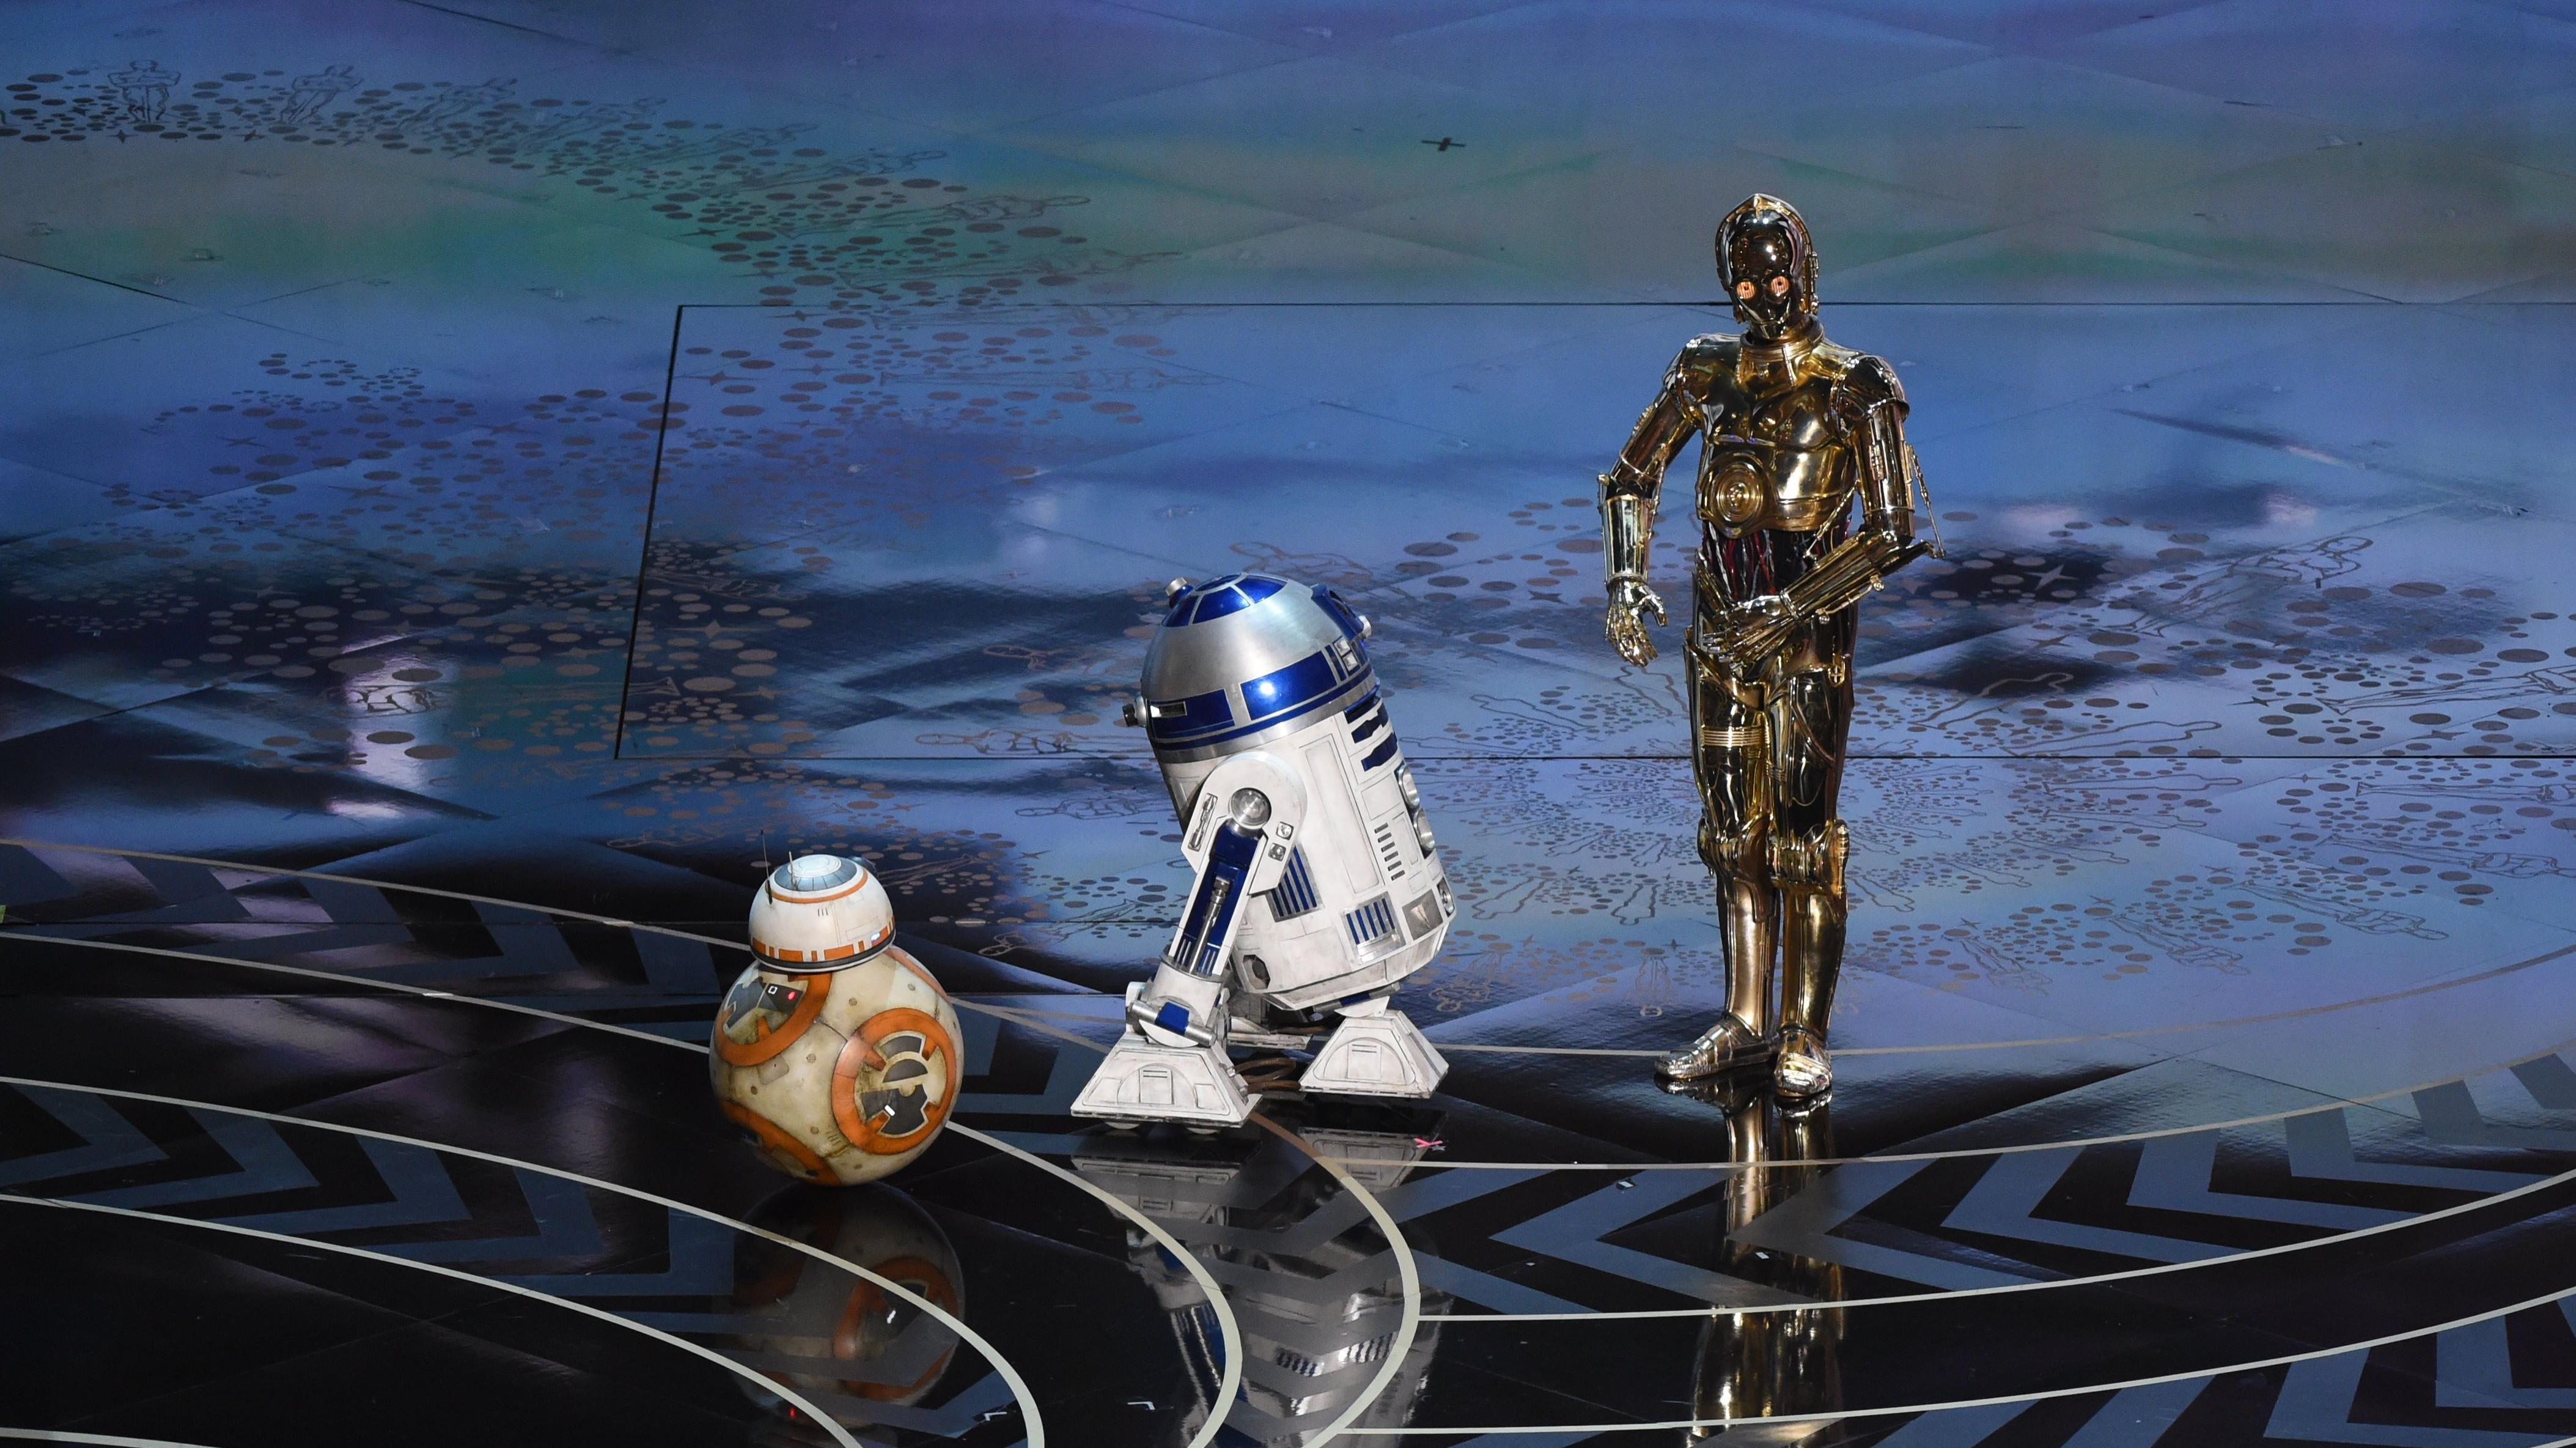 BILLEDER fra Oscar-festen: Star Wars, sort humor og en glad svensker | Kultur | DR